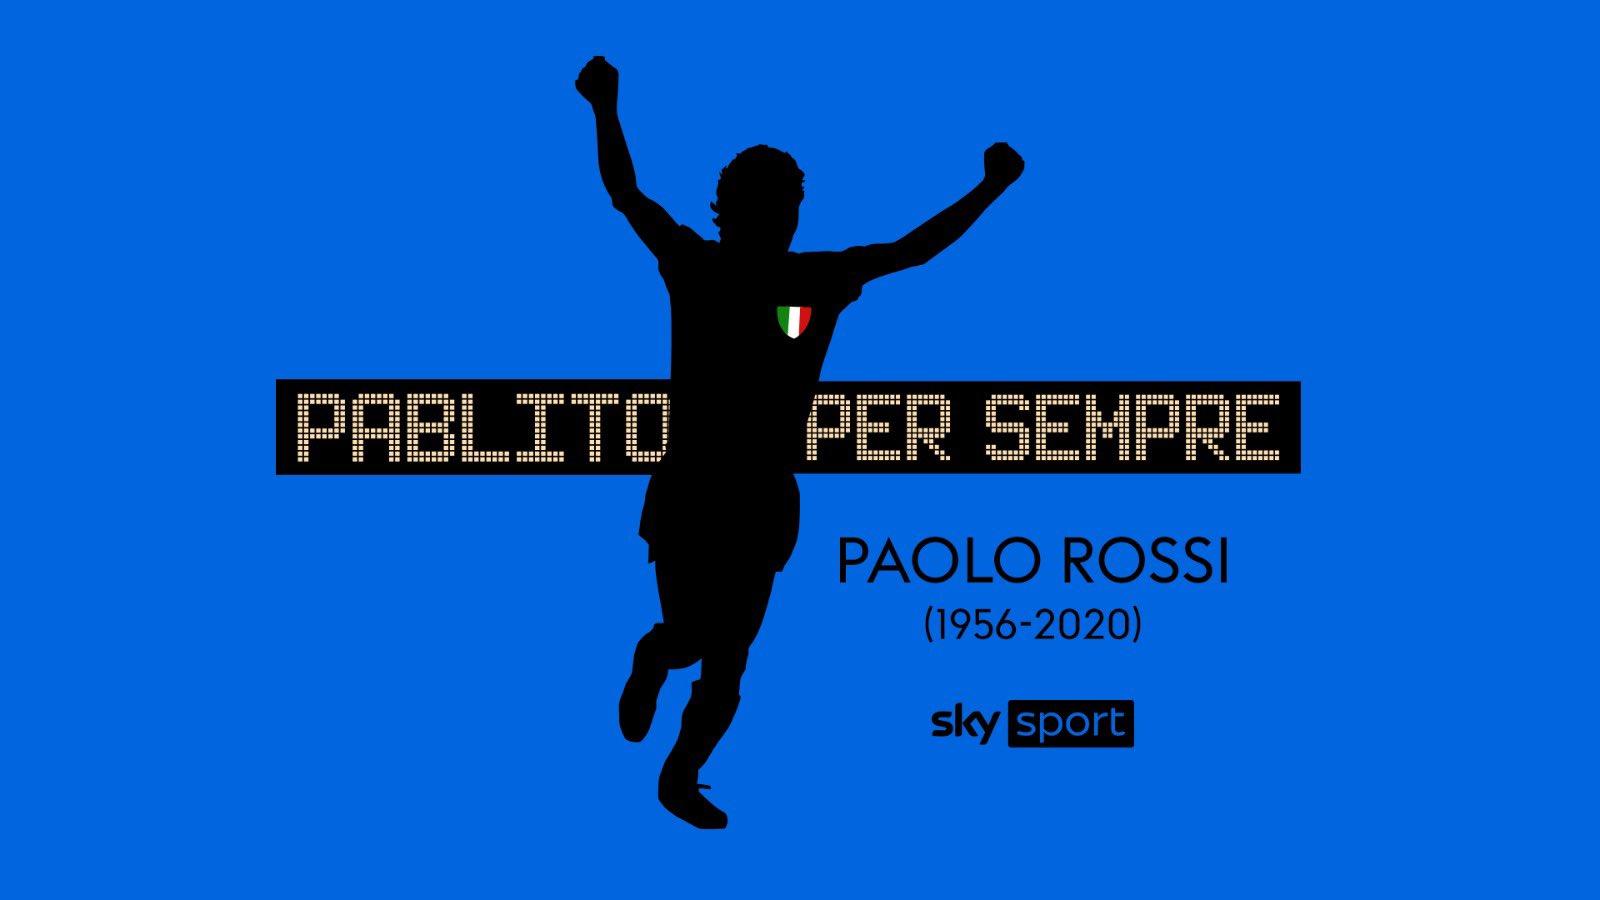 Pablito per Sempre! Sky Sport ricorda con un palinsesto speciale Paolo Rossi